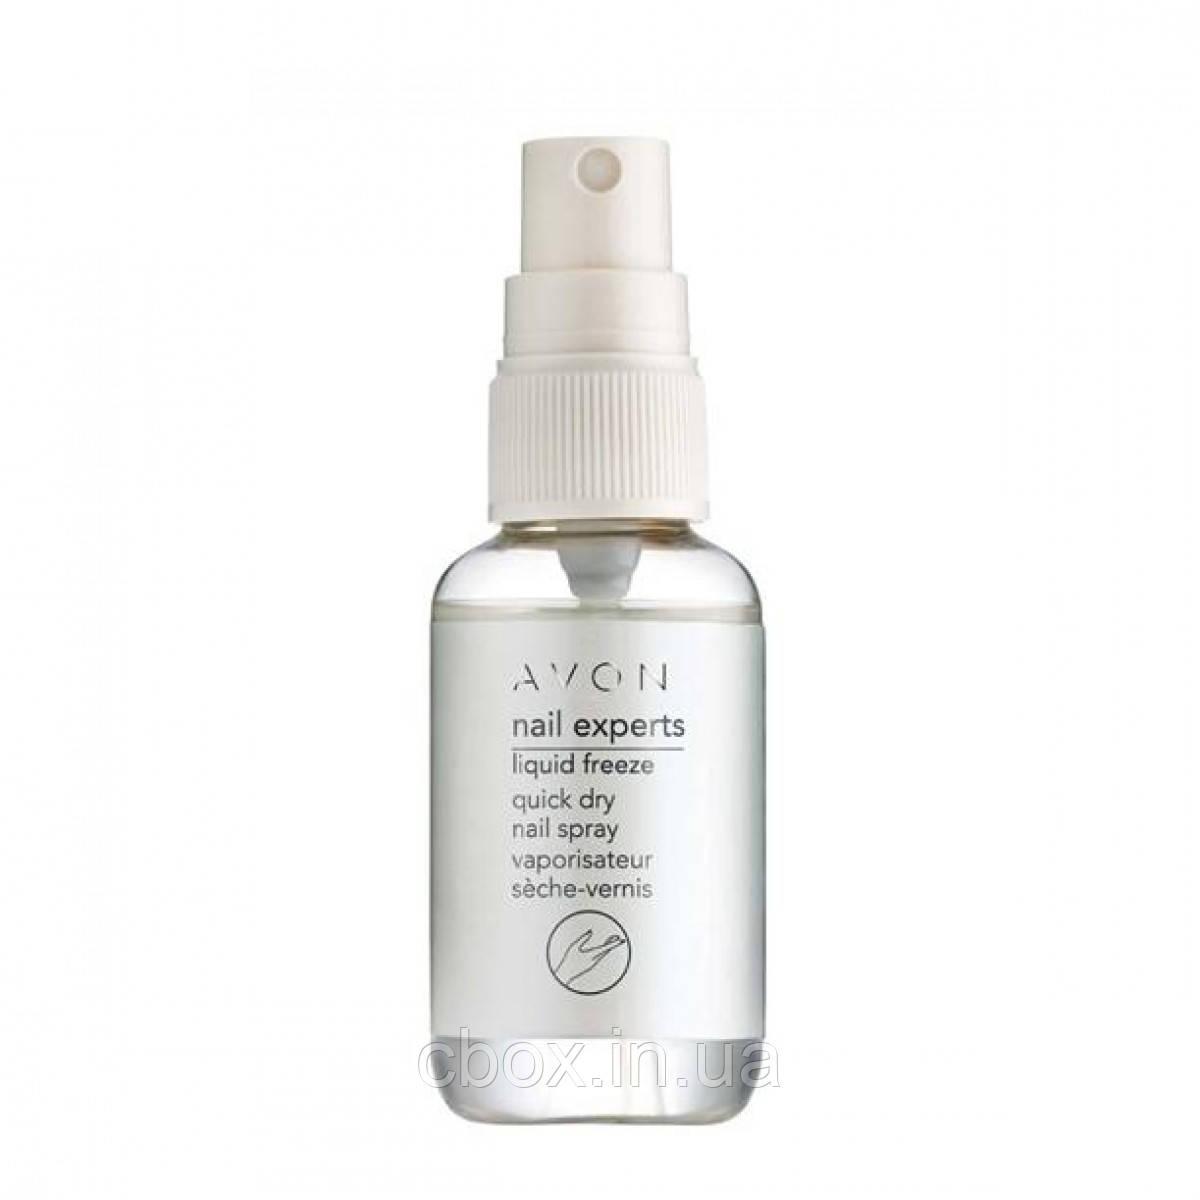 Спрей для ускорения высыхания лака для ногтей, Эйвон, Avon Nail Experts, сушка, 22383